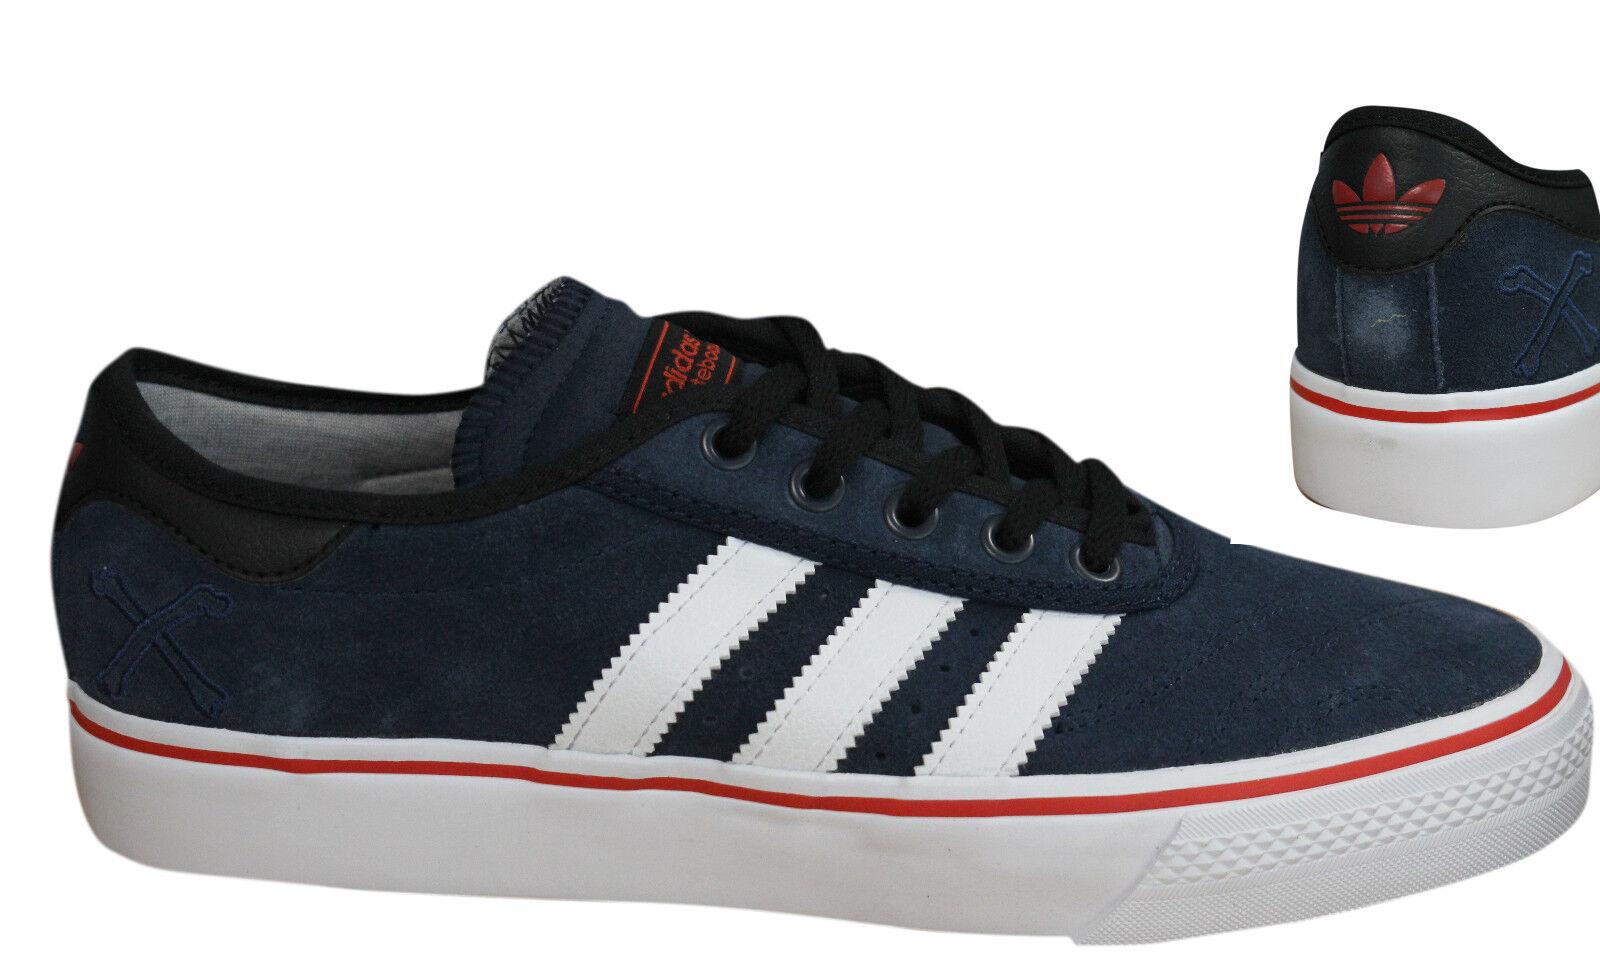 Adidas Originals AdiEase Premiere Zapatillas Cordones para hombre Zapatos De Cordones Zapatillas Azul BY3954 D40 5f91ea